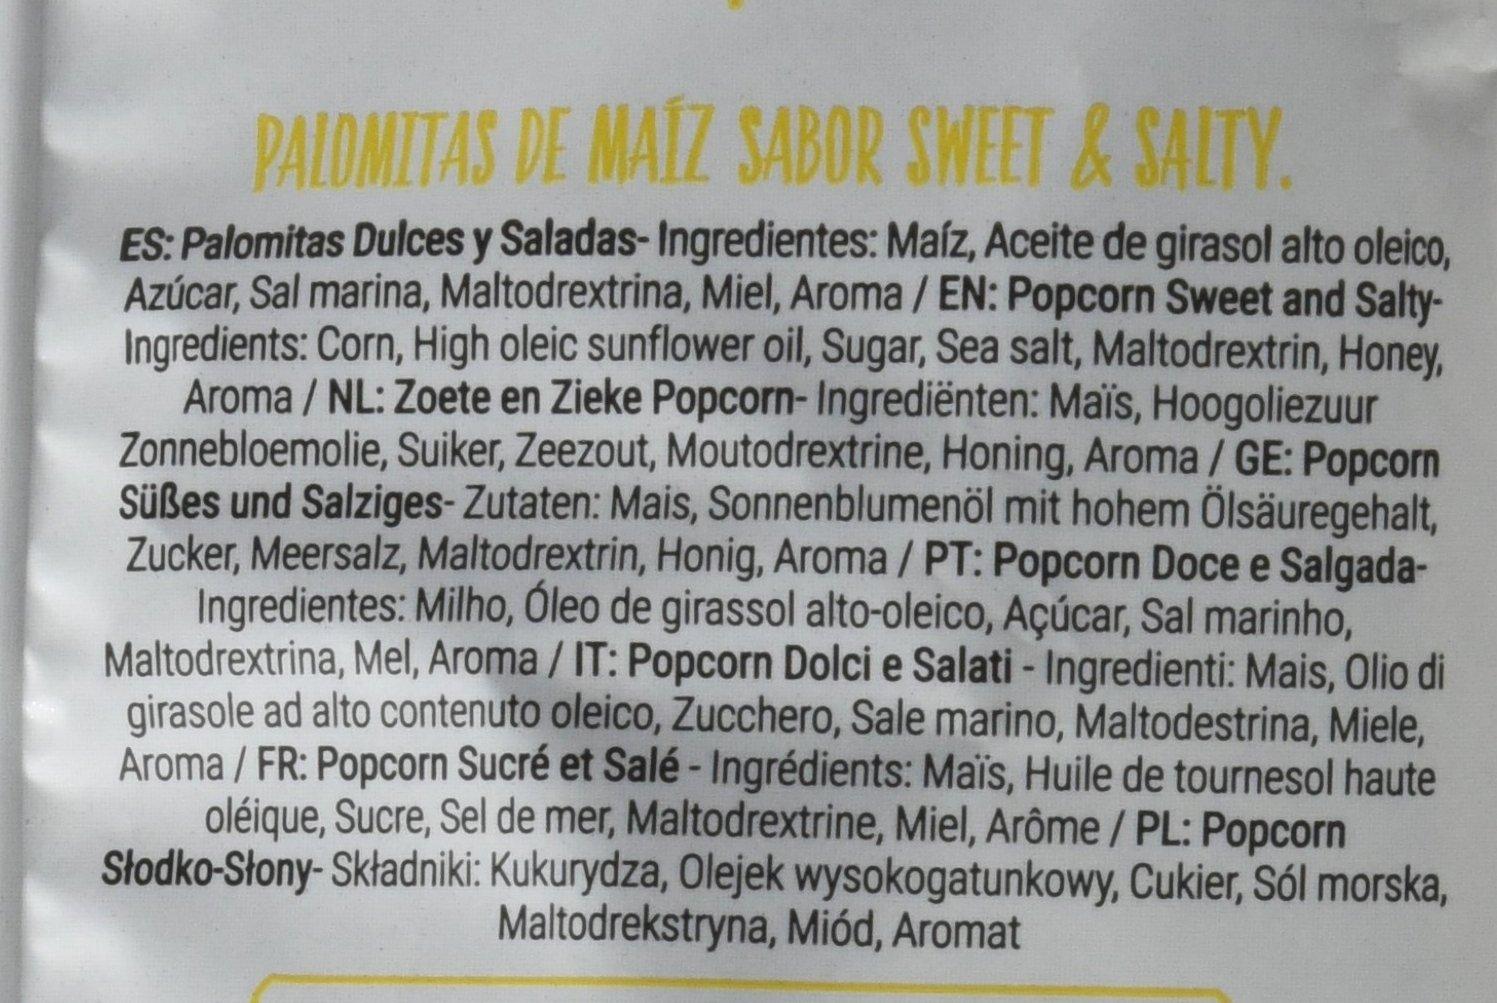 Anaconda Palomitas de Maíz Explotadas con Aire Caliente- Paquete de 6 x 30 gr - Total: 180 gr, sabor Sweet y Salty: Amazon.es: Alimentación y bebidas